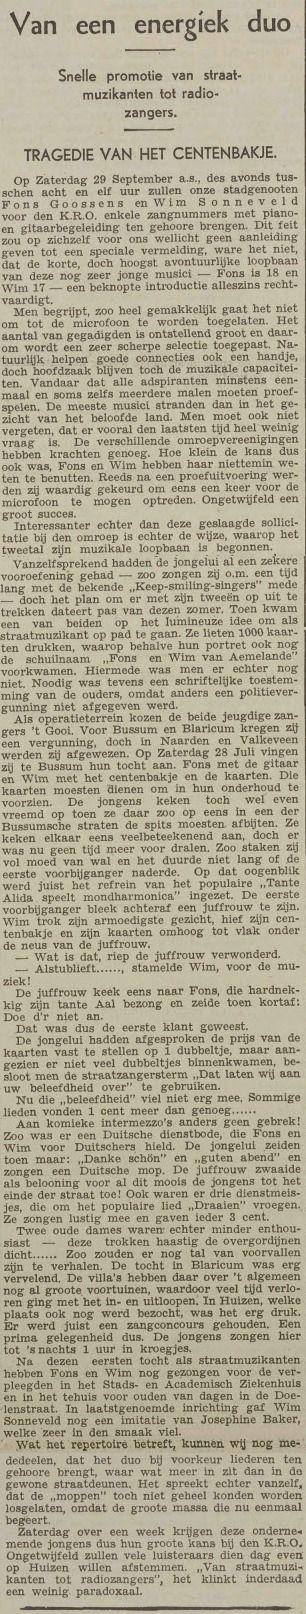 Het UN schrijft over de jonge Utrechtse artiesten Wim Sonneveld en Fons Goossens die een paar dagen later zouden debuteren bij de KRO Radio - 20 september 1934, pagina 10